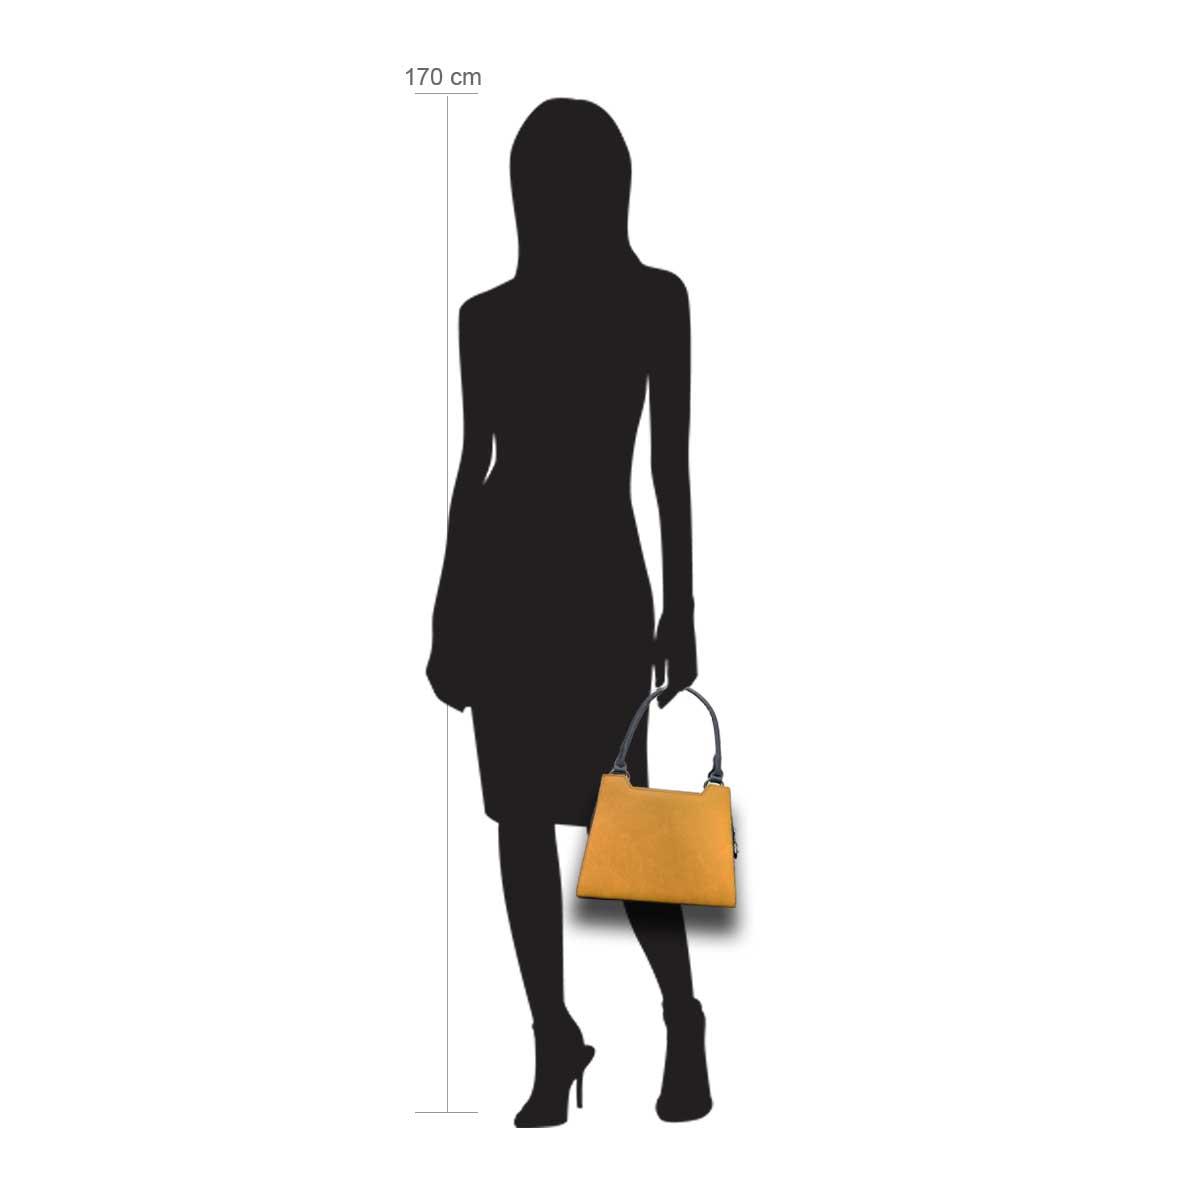 Modellpuppe 170 cm groß zeigt die Handtaschengröße an der Person Modell:Ocker